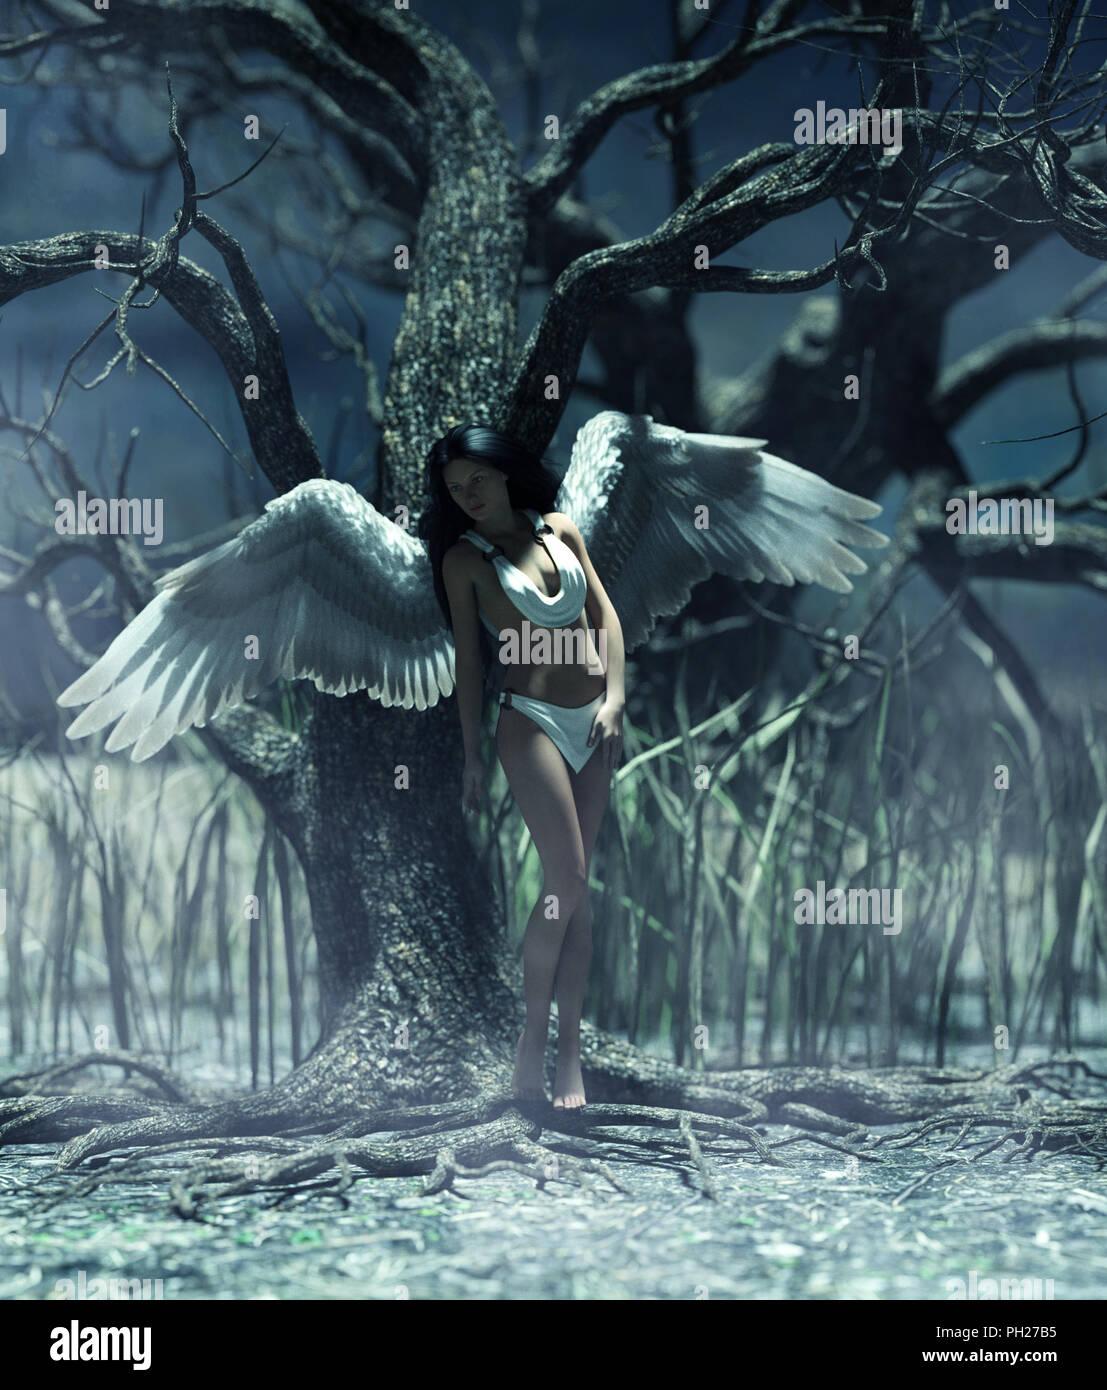 Un ángel en el bosque místico,3d ilustración para la ilustración de libros o portada del libro. Imagen De Stock